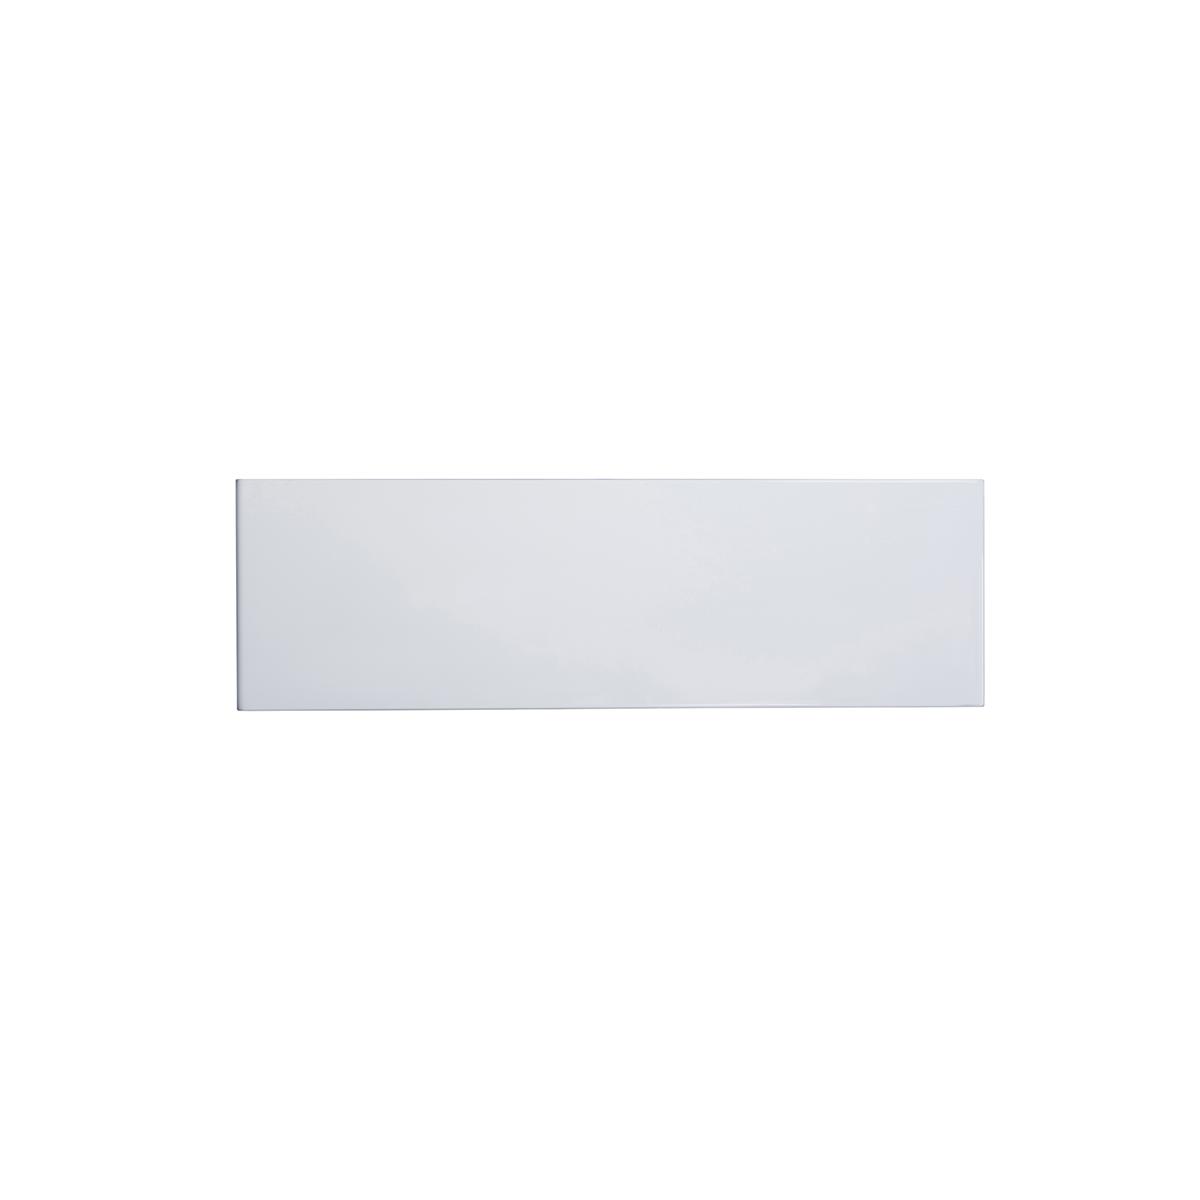 Панель фронтальная для акриловой ванны Roca Uno 170x75 ZRU9303039 панель фронтальная для ванны акриловой cersanit 140см универсальная